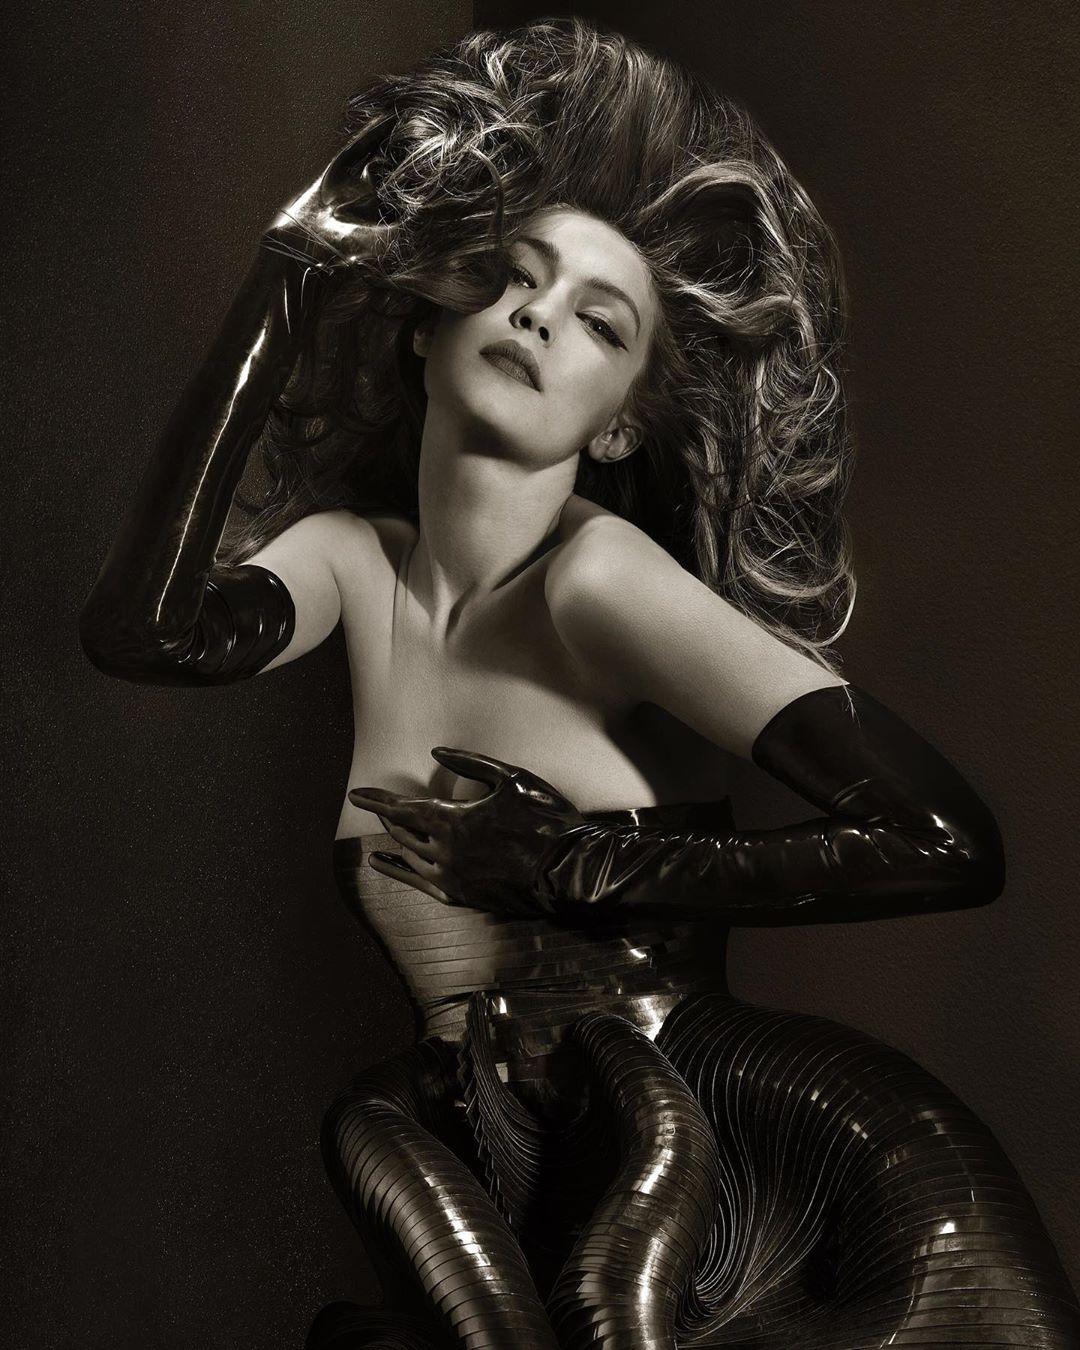 Объект желания: стильная Джиджи Хадид блистает в новой чувственной съемке